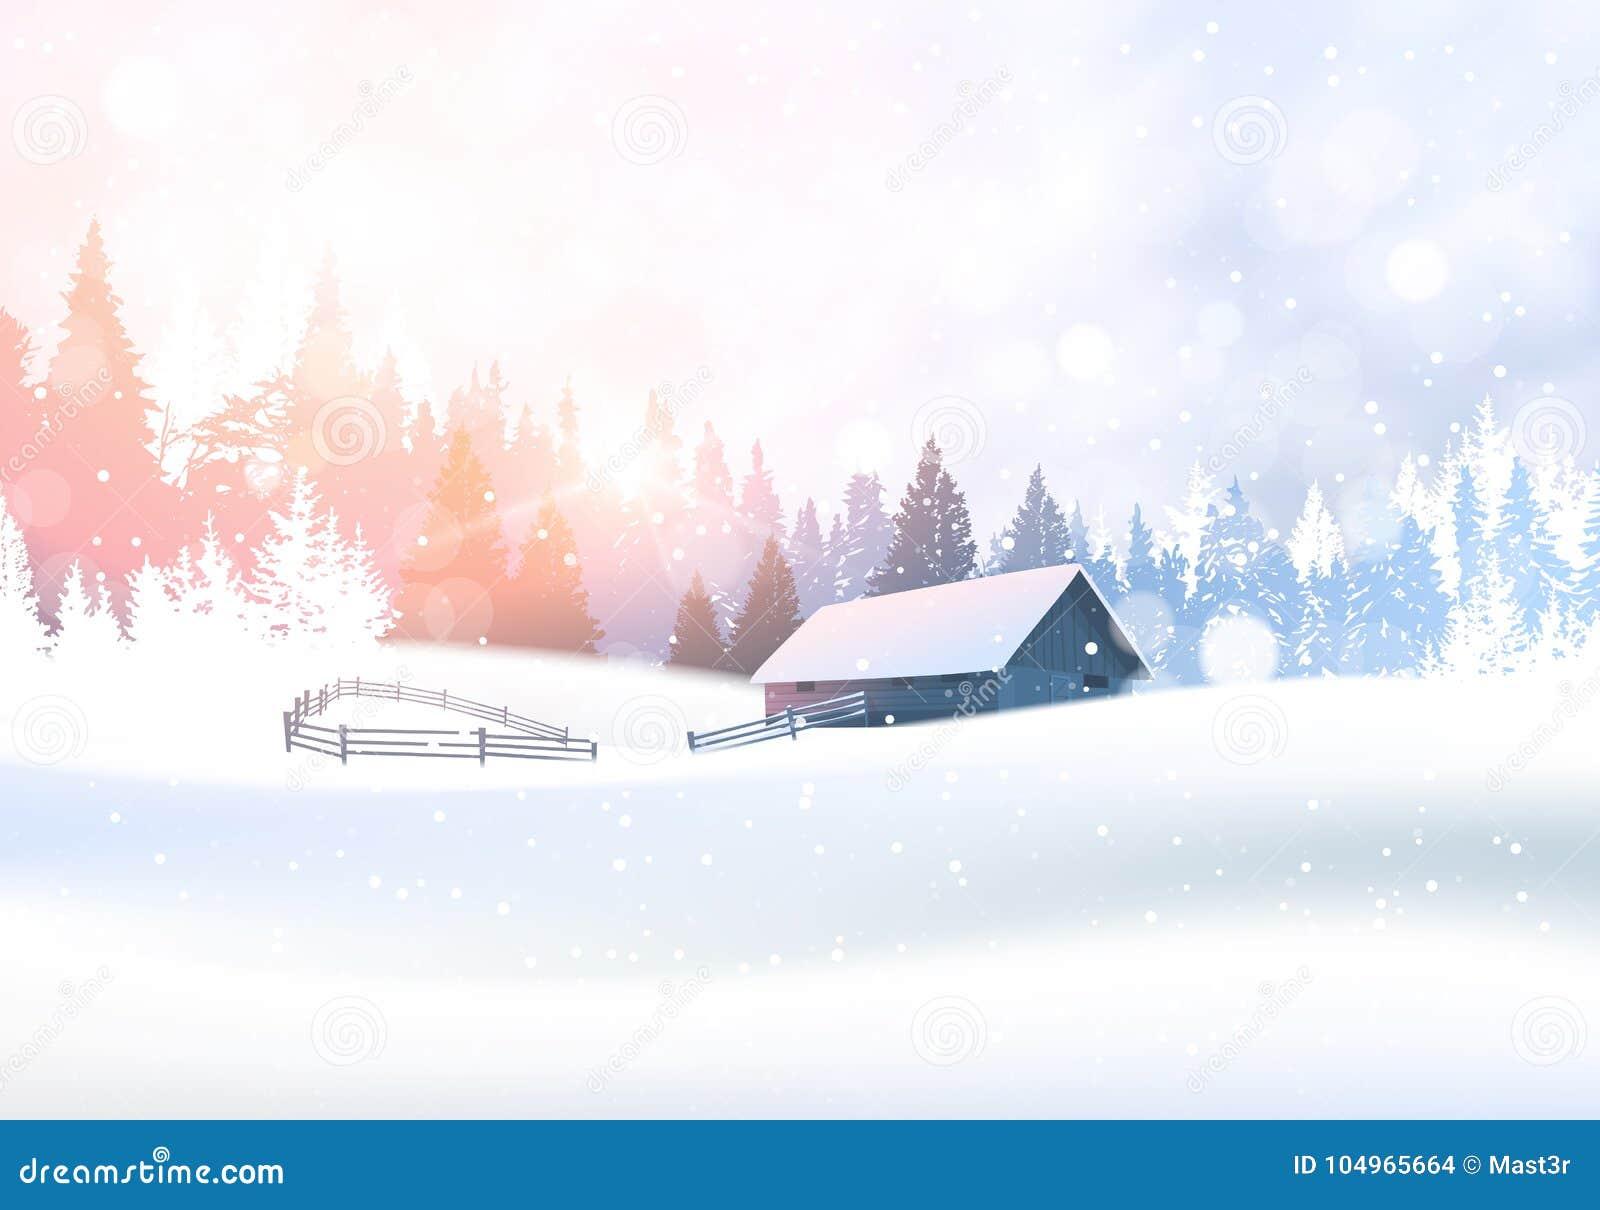 Wiejski zima krajobraz Z domem W Śnieżnym Lasowym sosen drewien tle